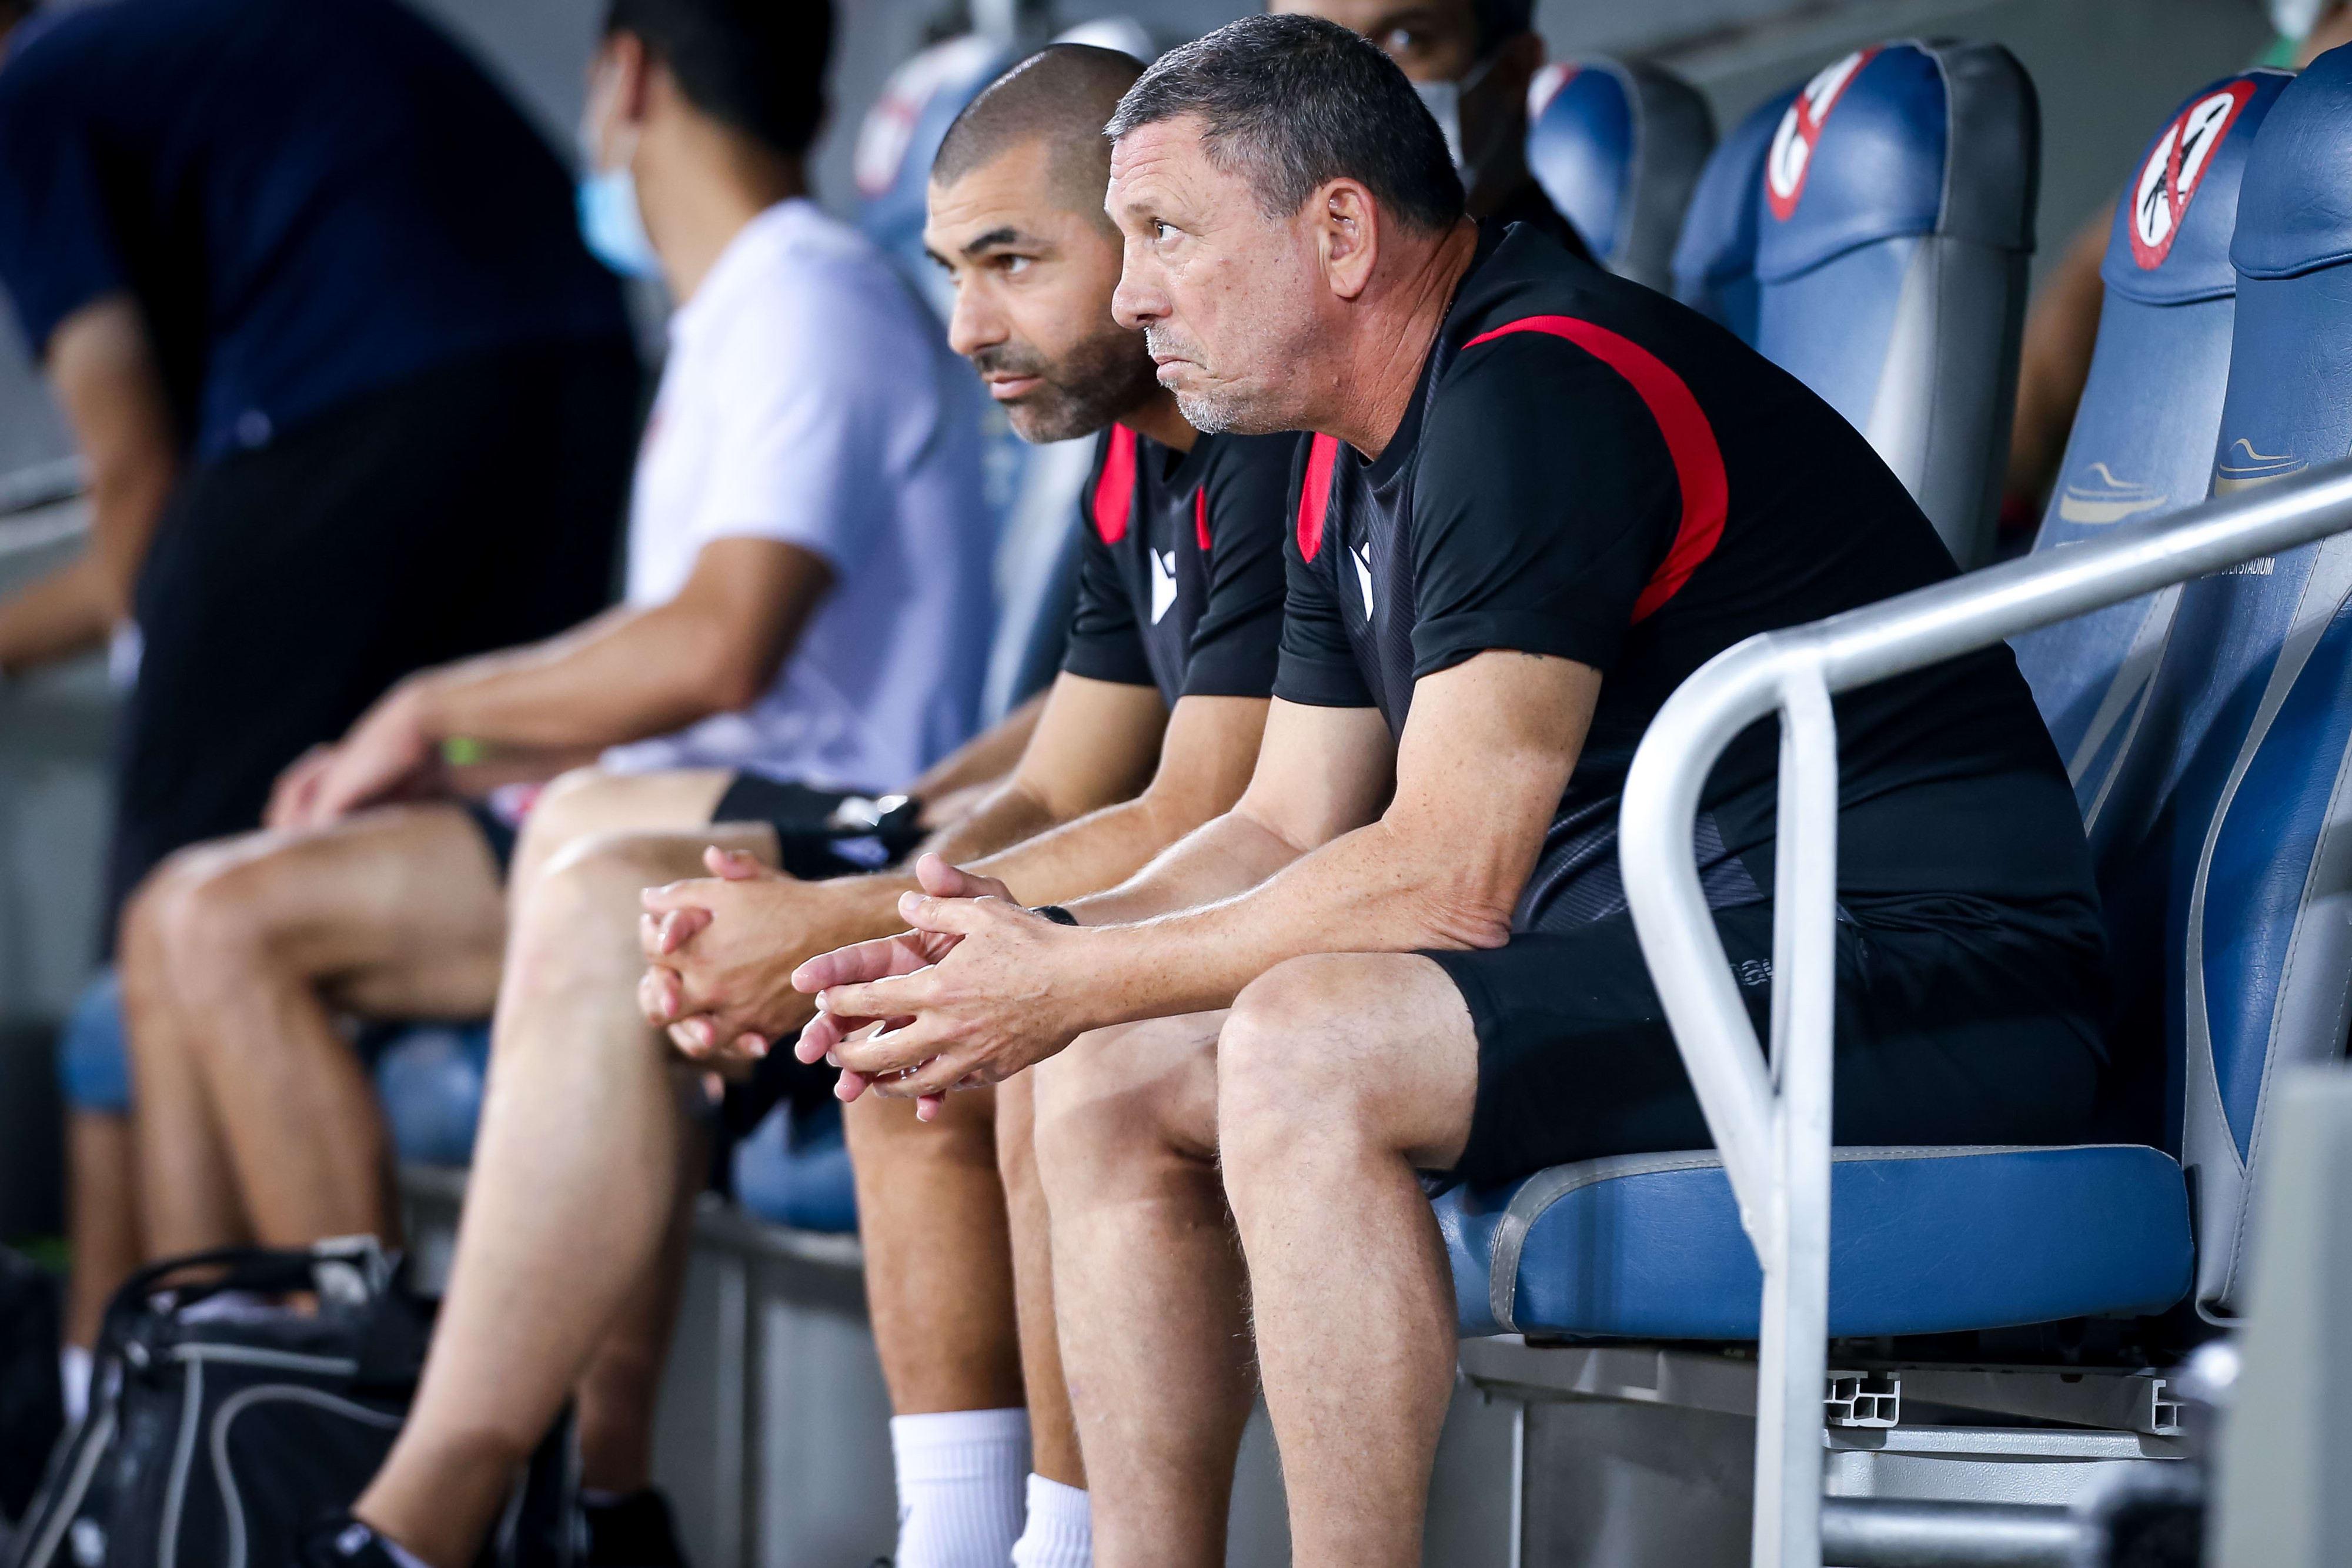 ניר קלינגר מאמן הפועל תל אביב עם עוזרו סלים טועמה